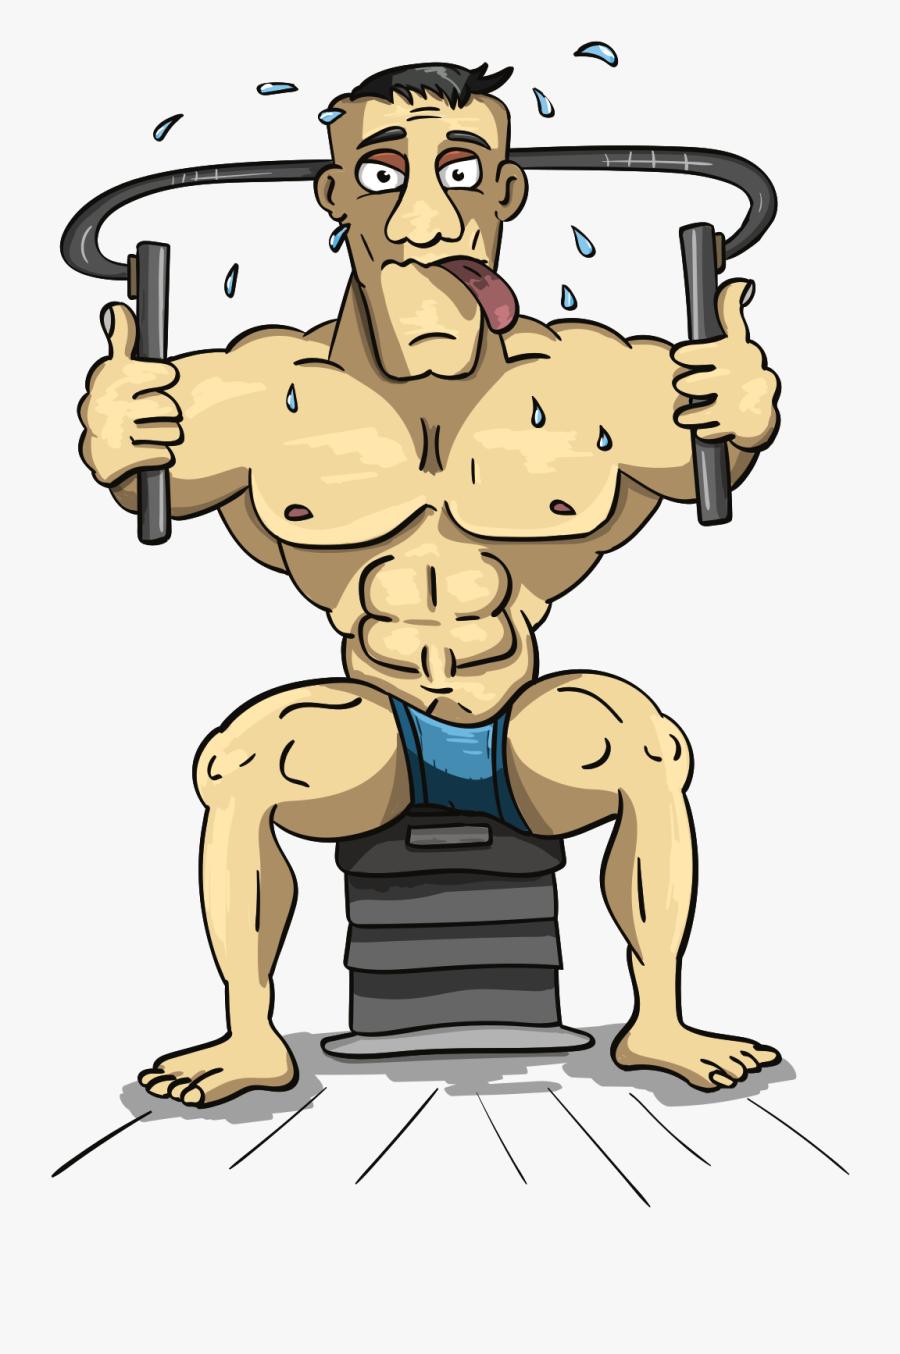 Beefy, Dude, Jock, Bodybuilder, Beefcake - Поздравление С Днем Рождения Качка, Transparent Clipart